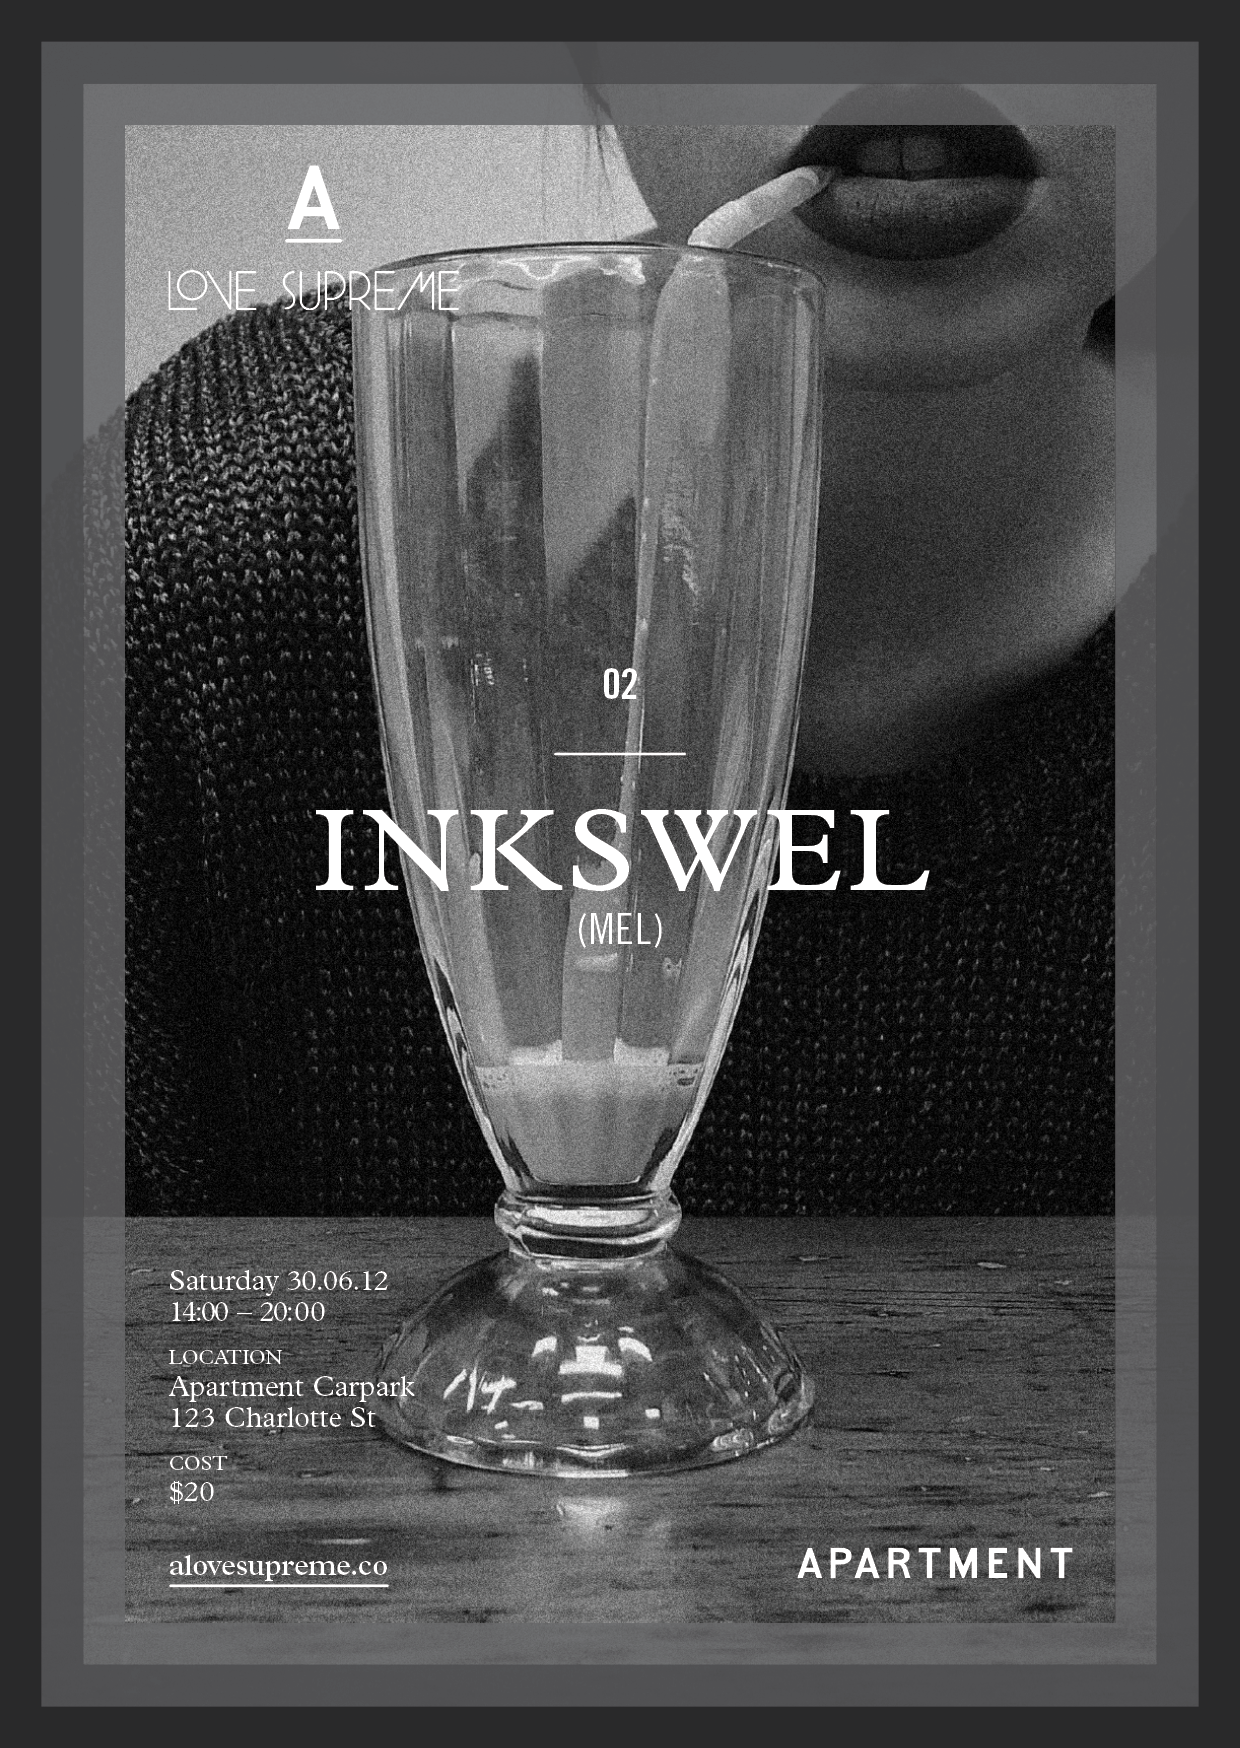 ALS-alovesupreme-02-inkswel-postcard-press-.png